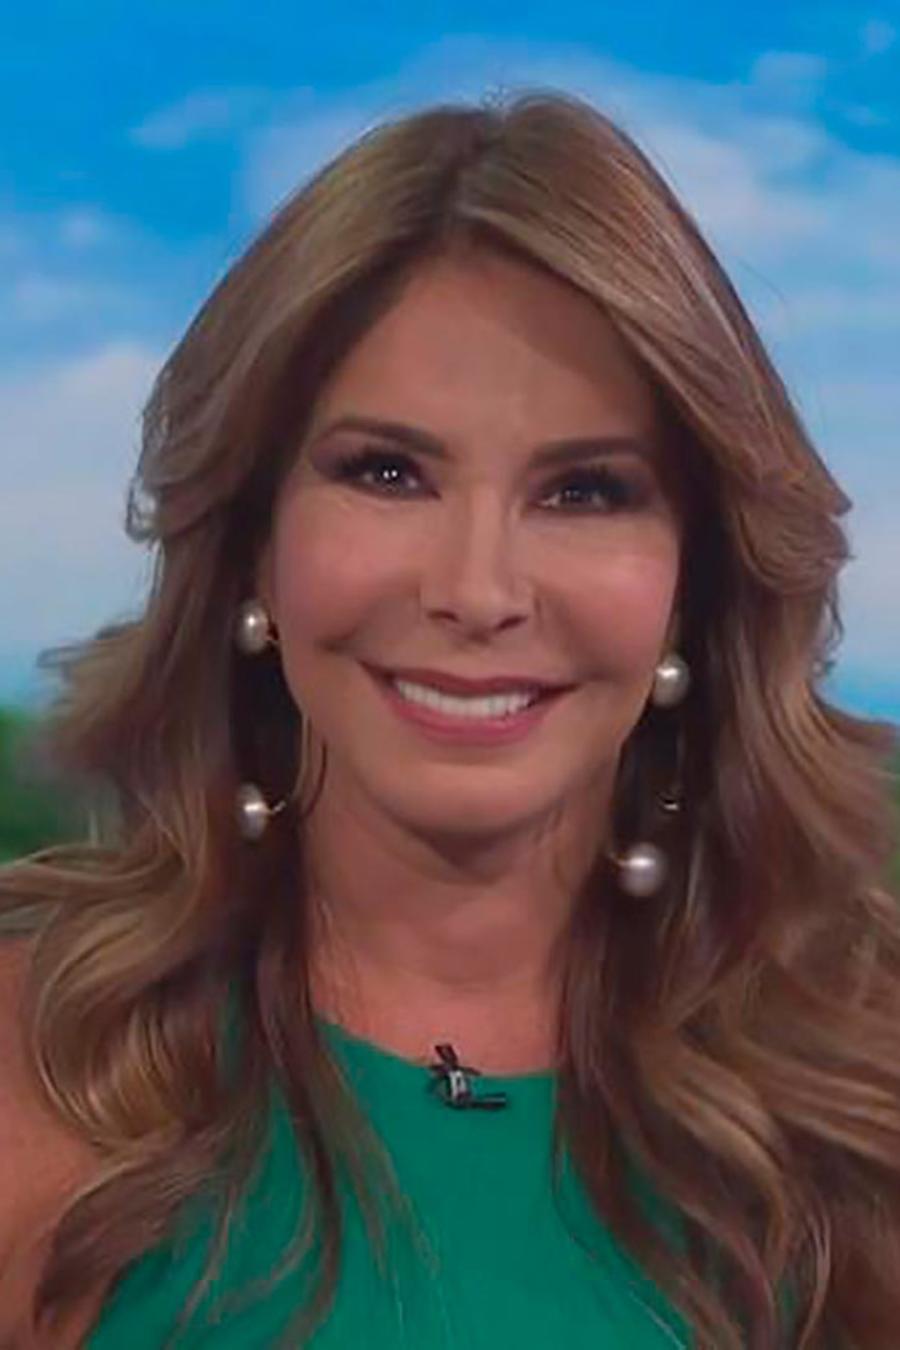 La presentadora venezolana Viviana Gibelli llega a casita para contarnos sus proyectos